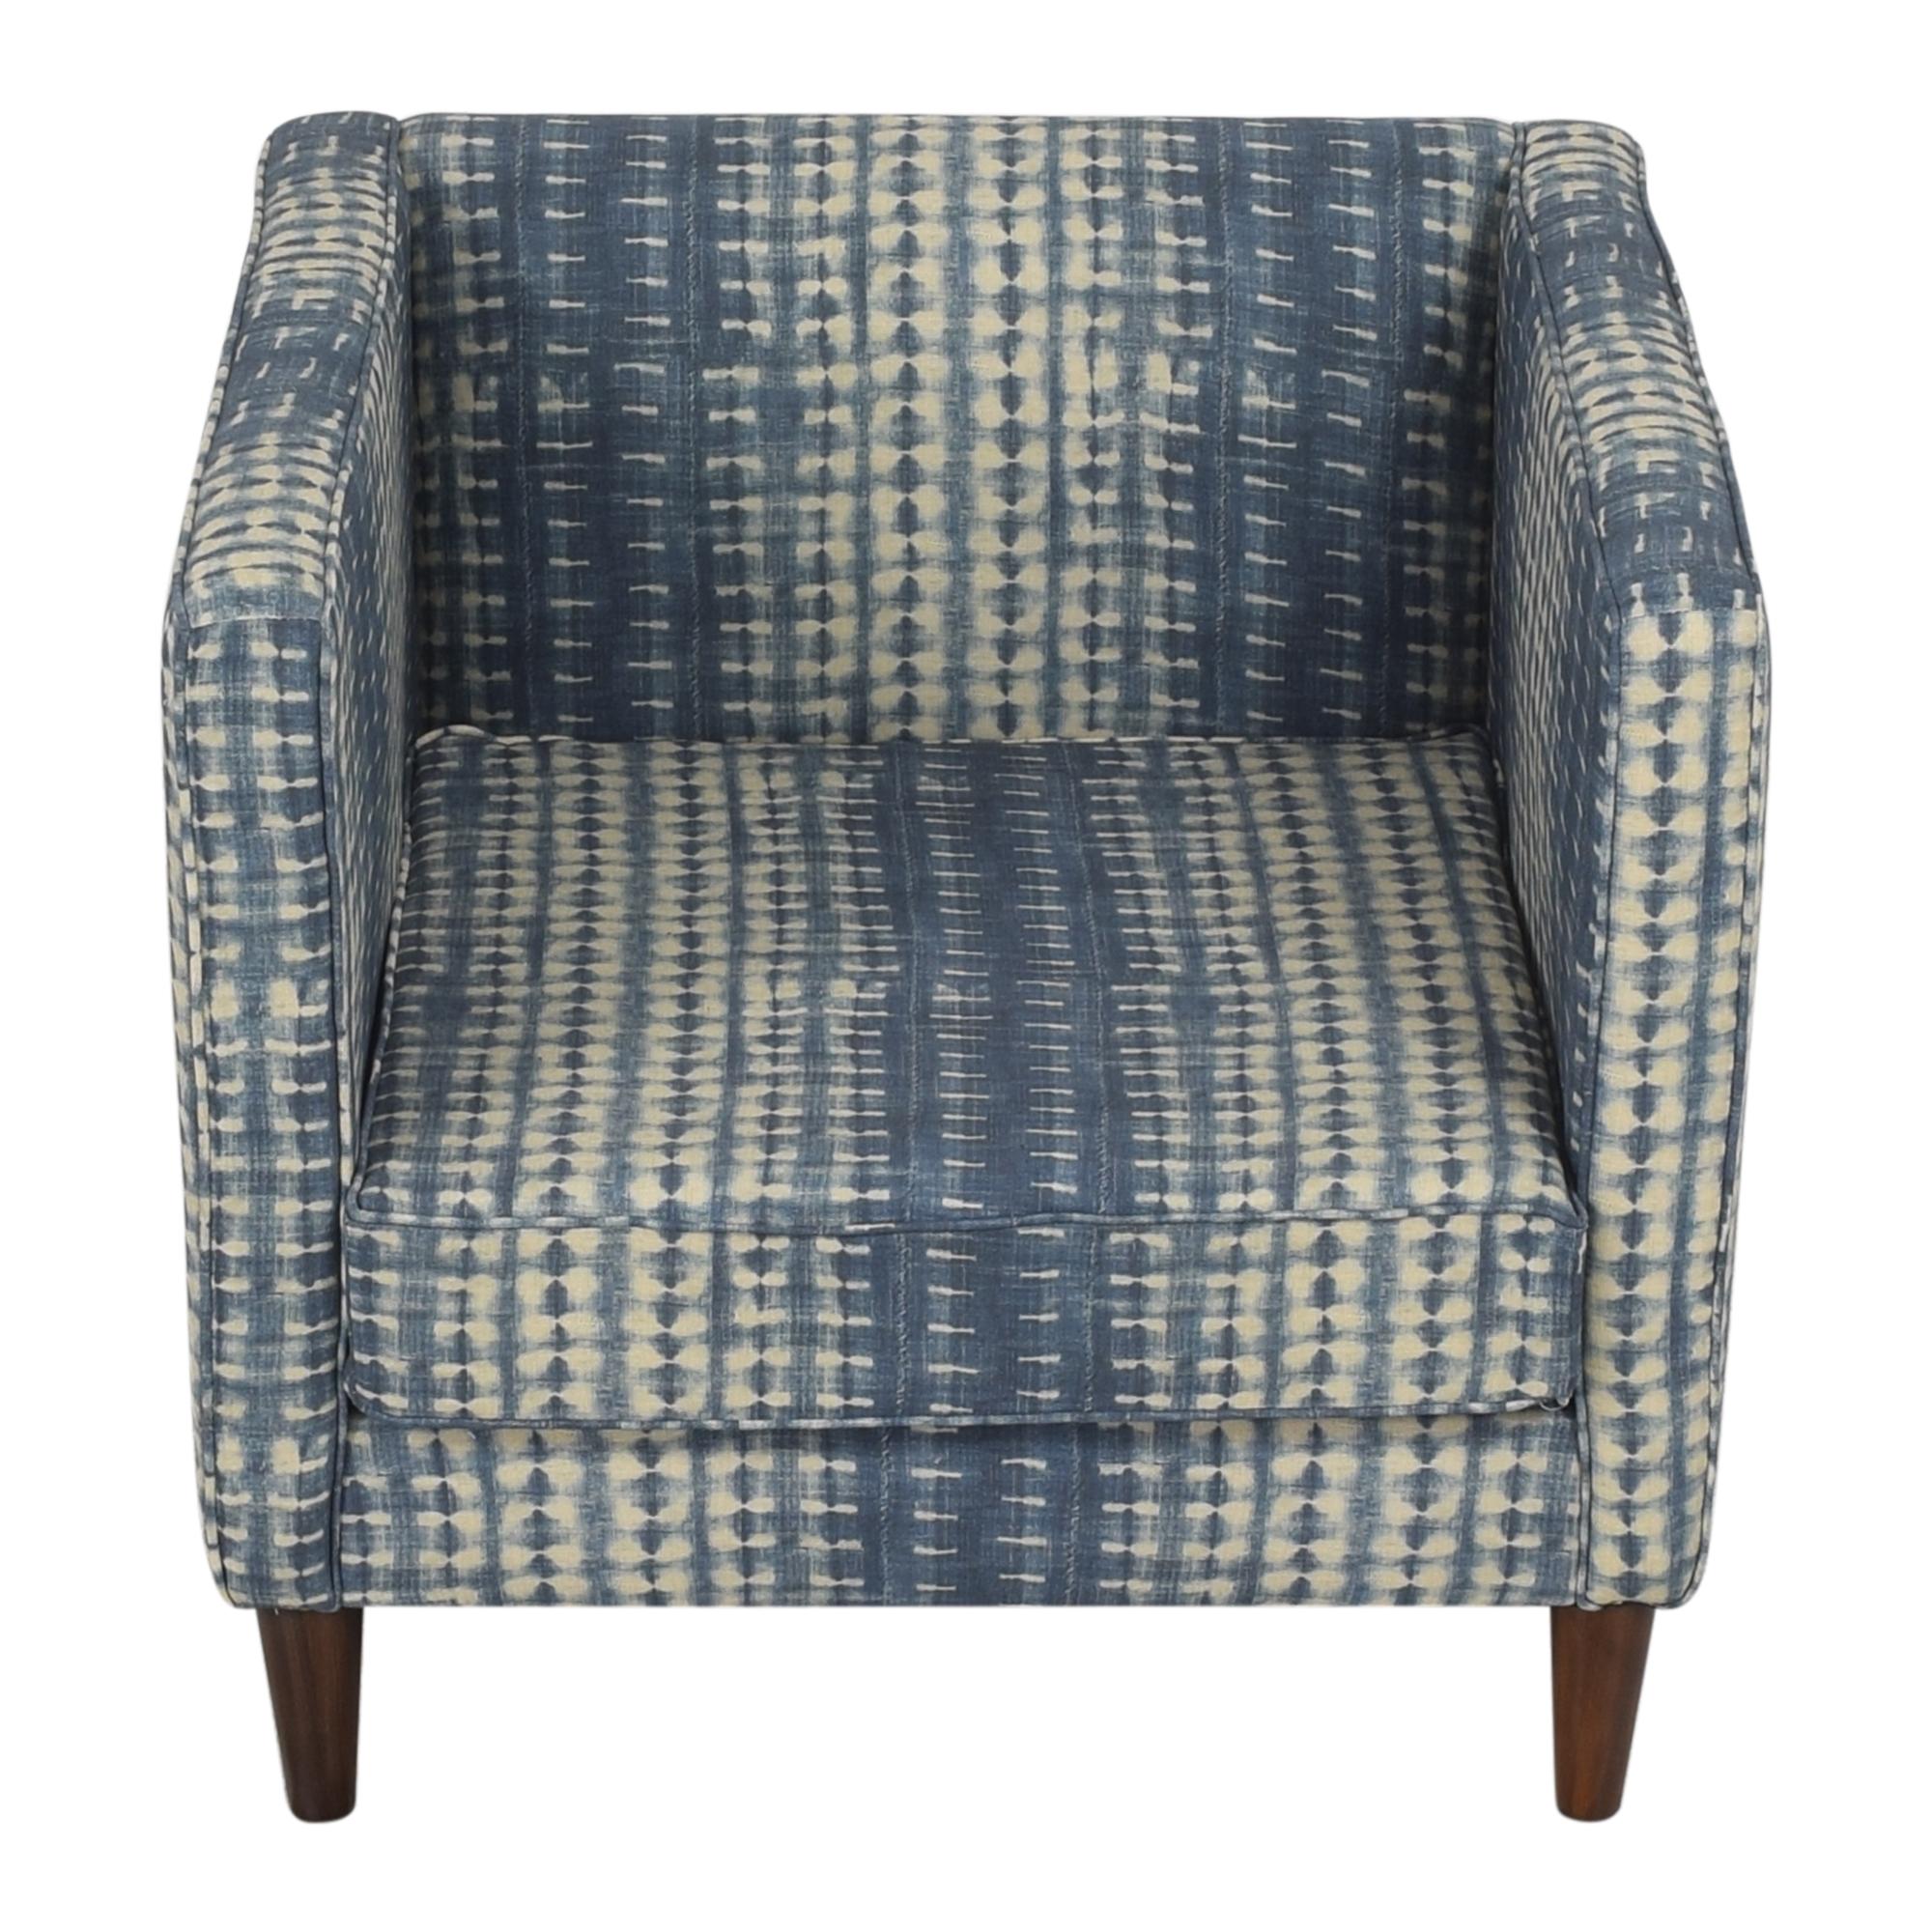 shop The Inside Shibori Tuxedo Chair The Inside